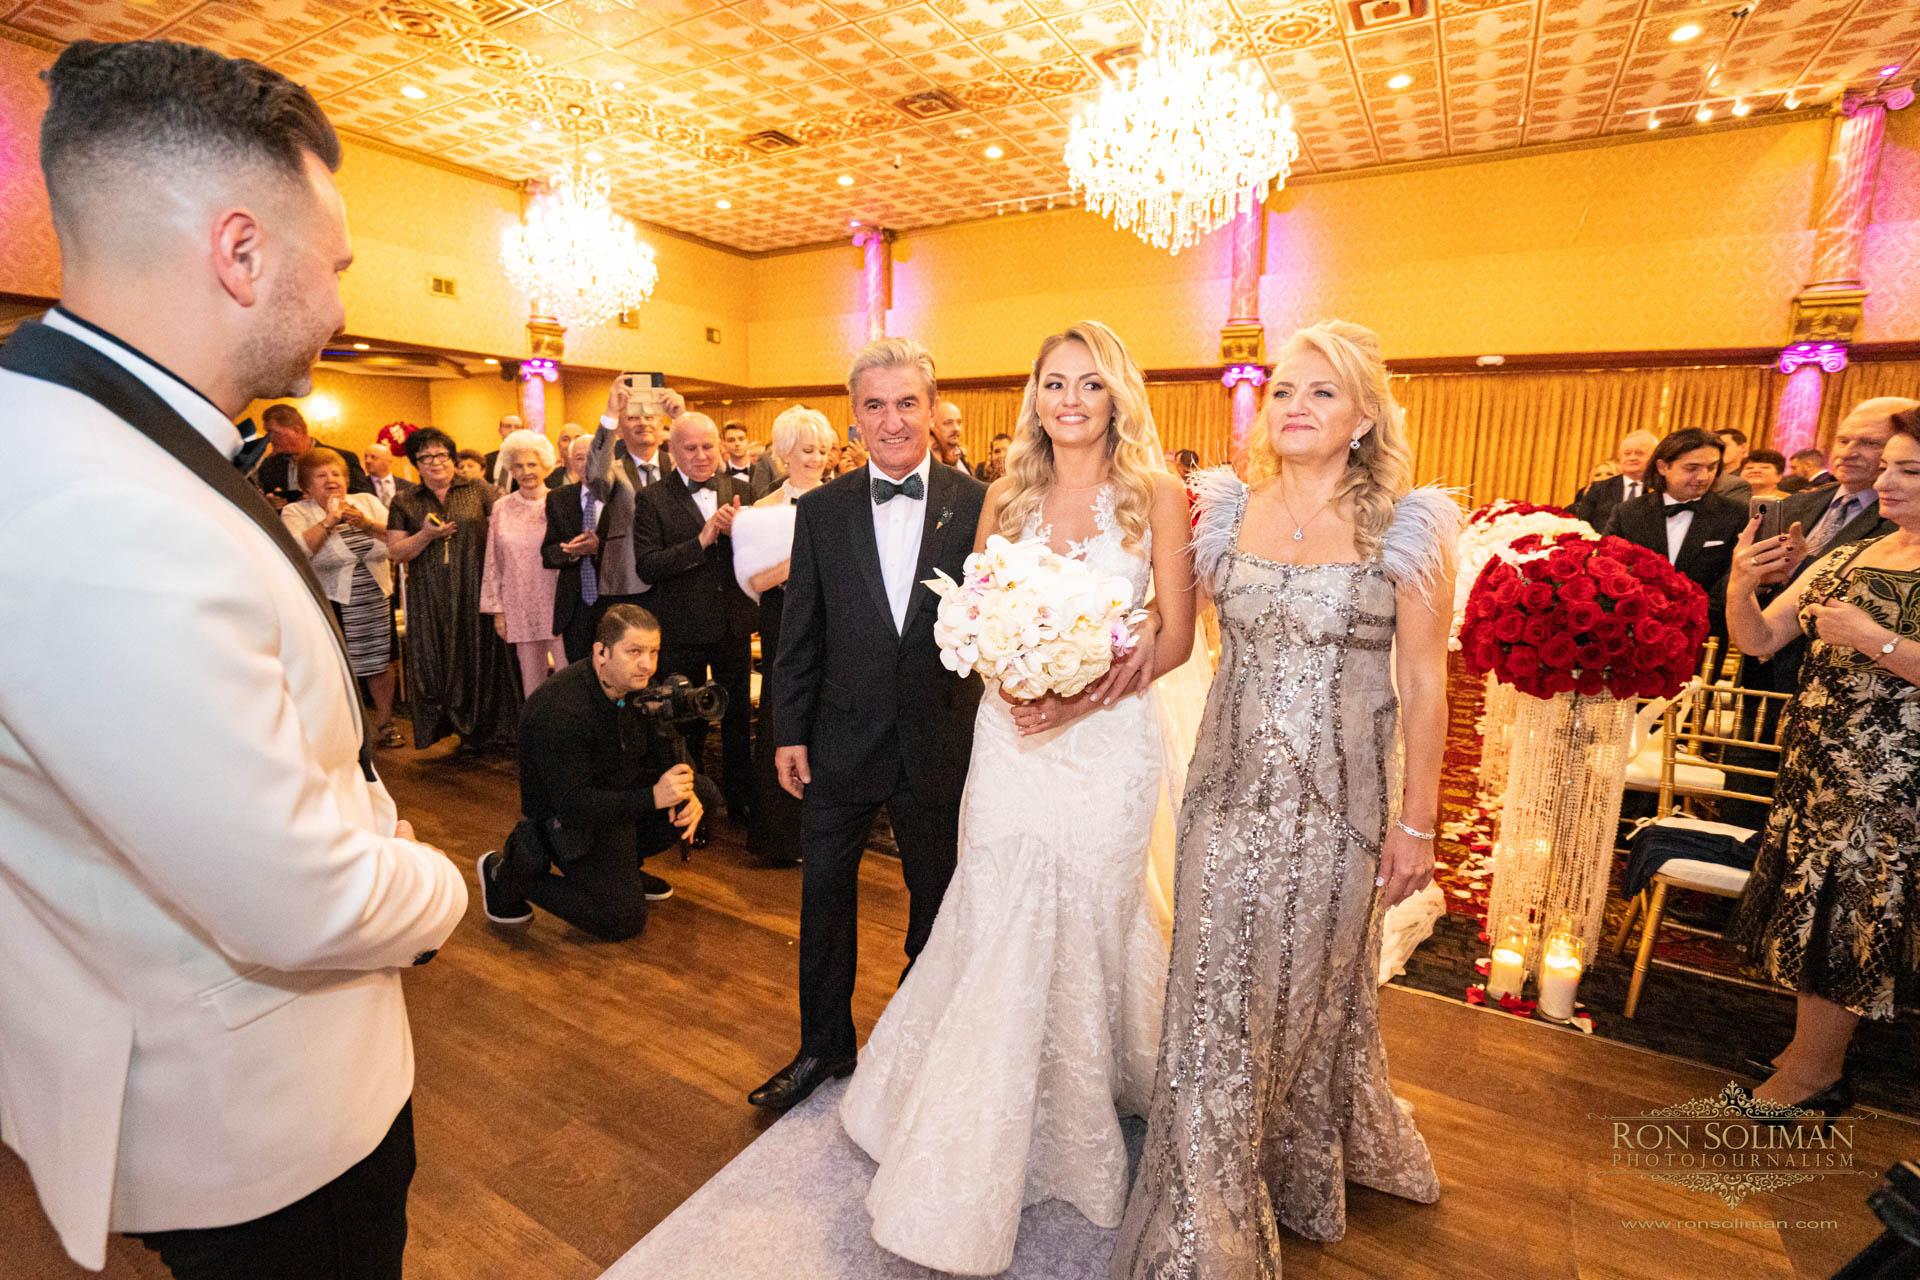 GOLDEN GATES RESTAURANT WEDDING 26